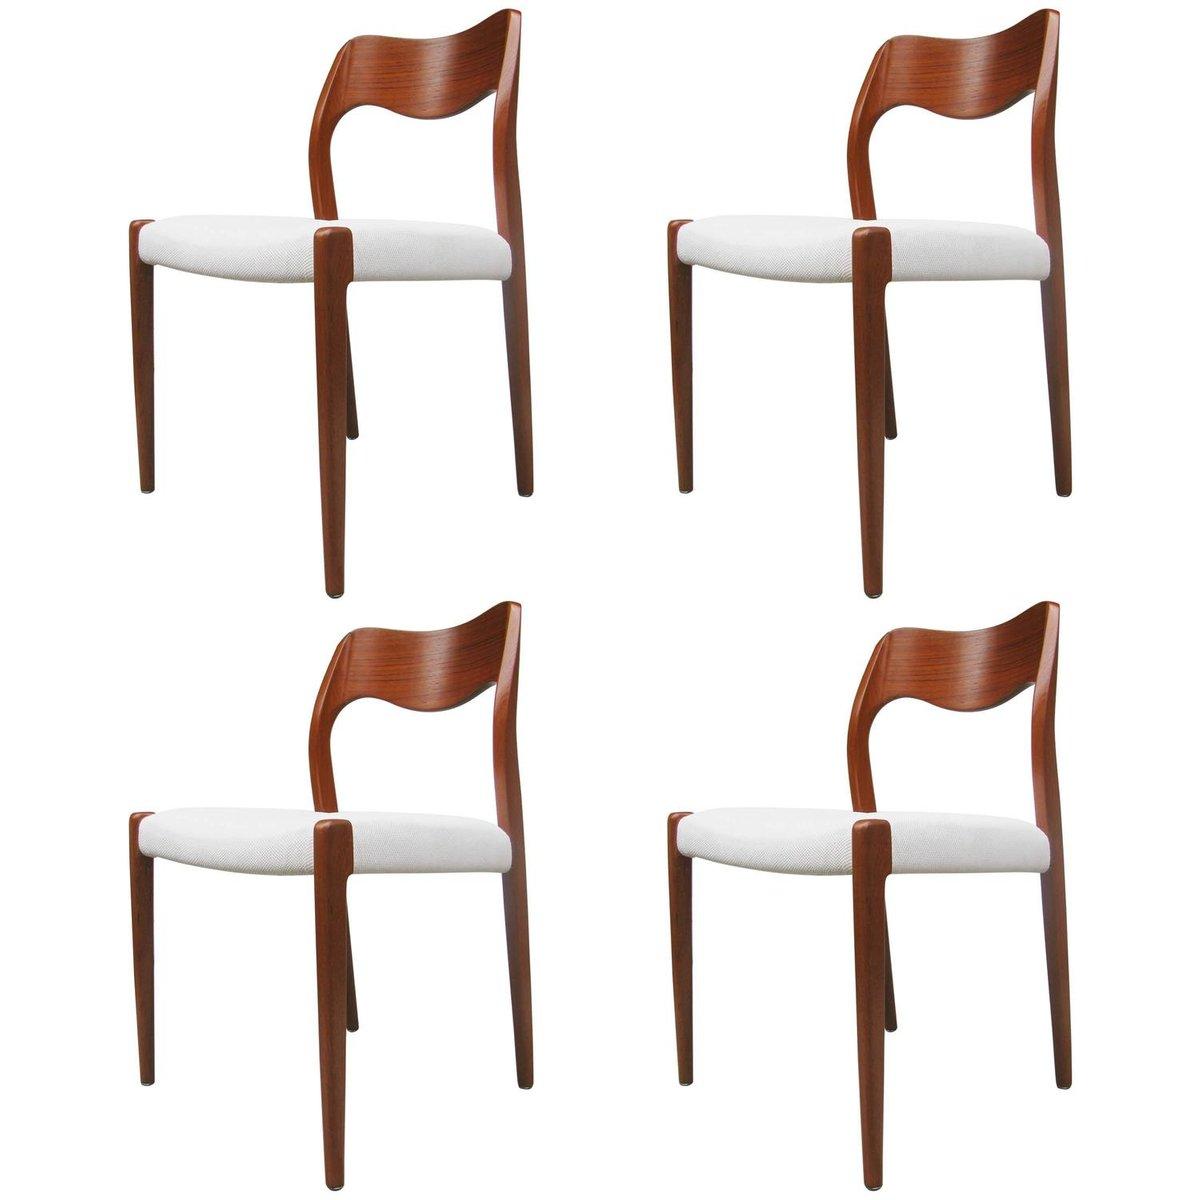 Chaises de salle manger mod le 71 par niels otto m ller for Modele chaise salle a manger